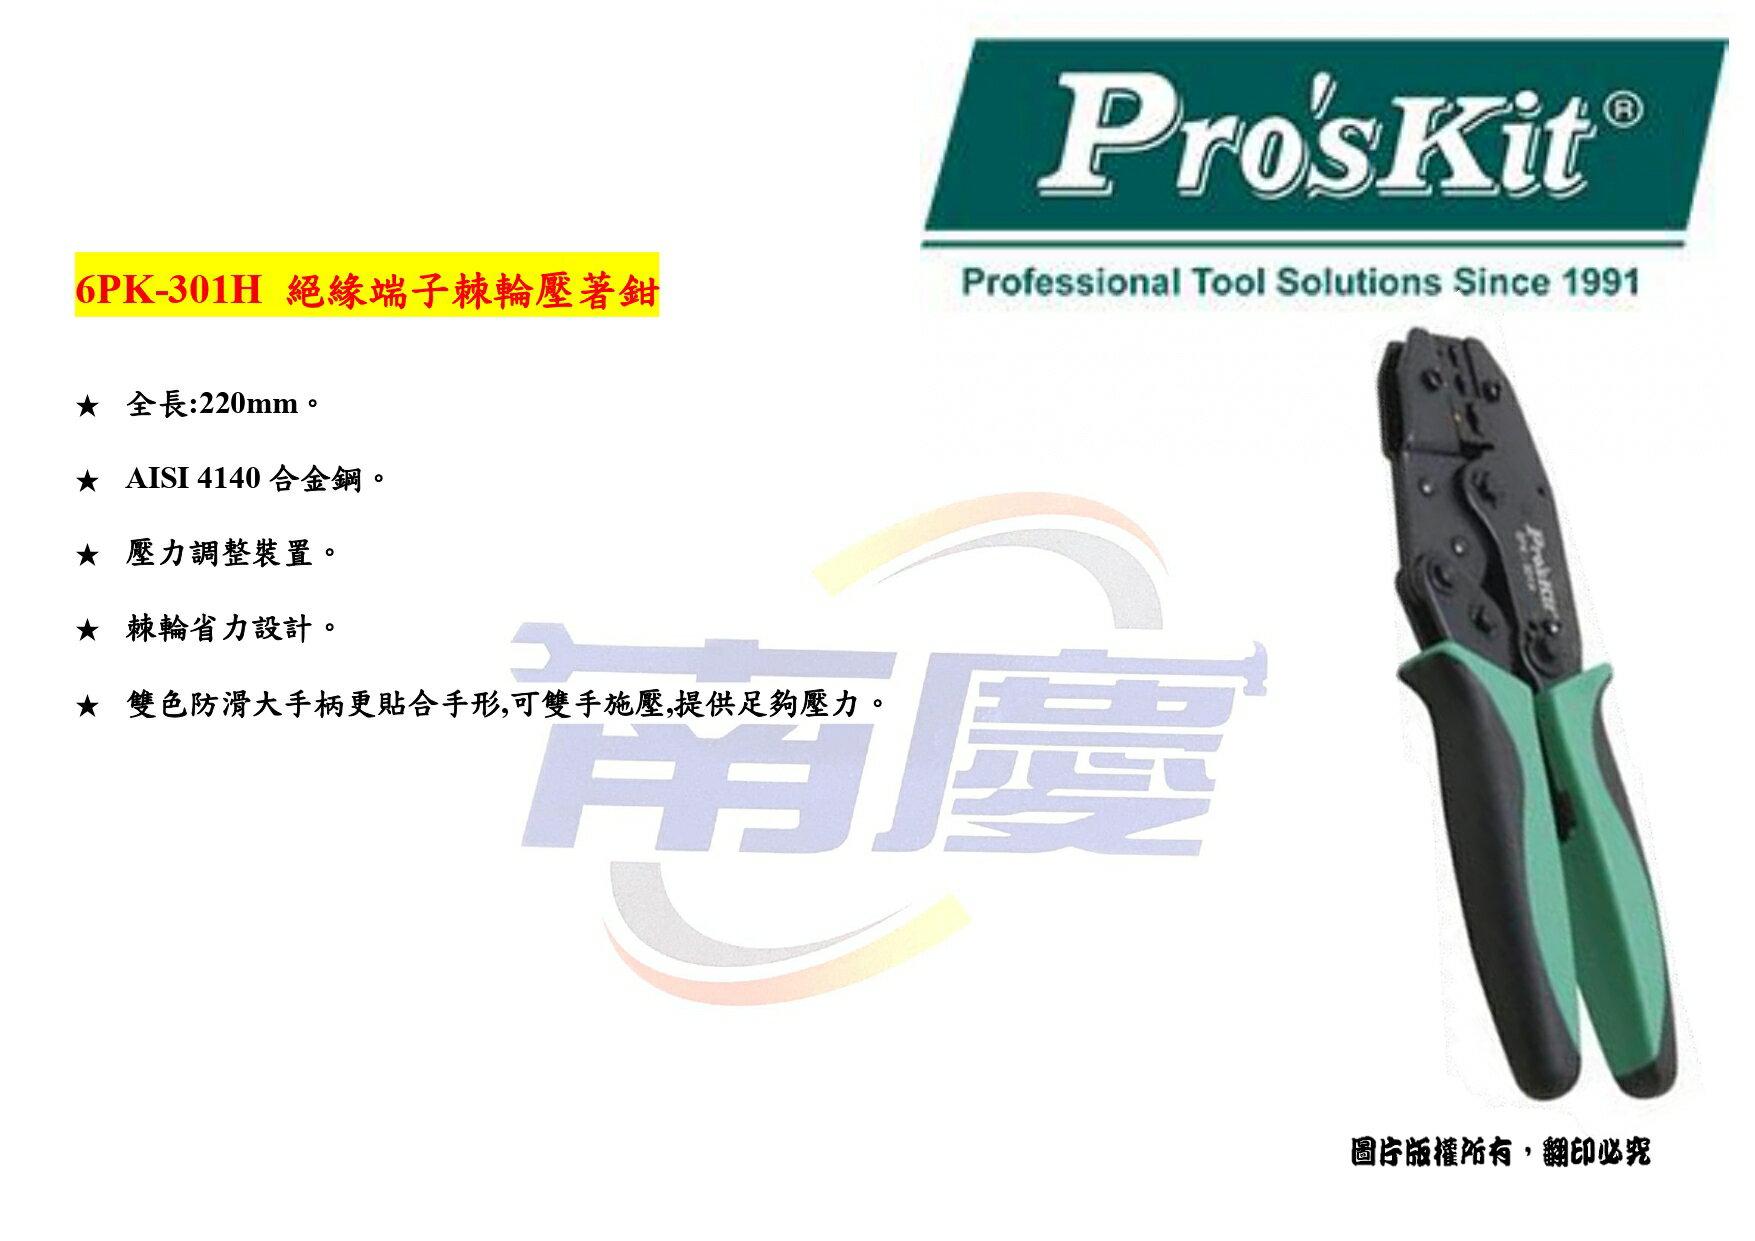 南慶五金 Pro'skit  6PK-301H 絕緣端子棘輪壓著鉗